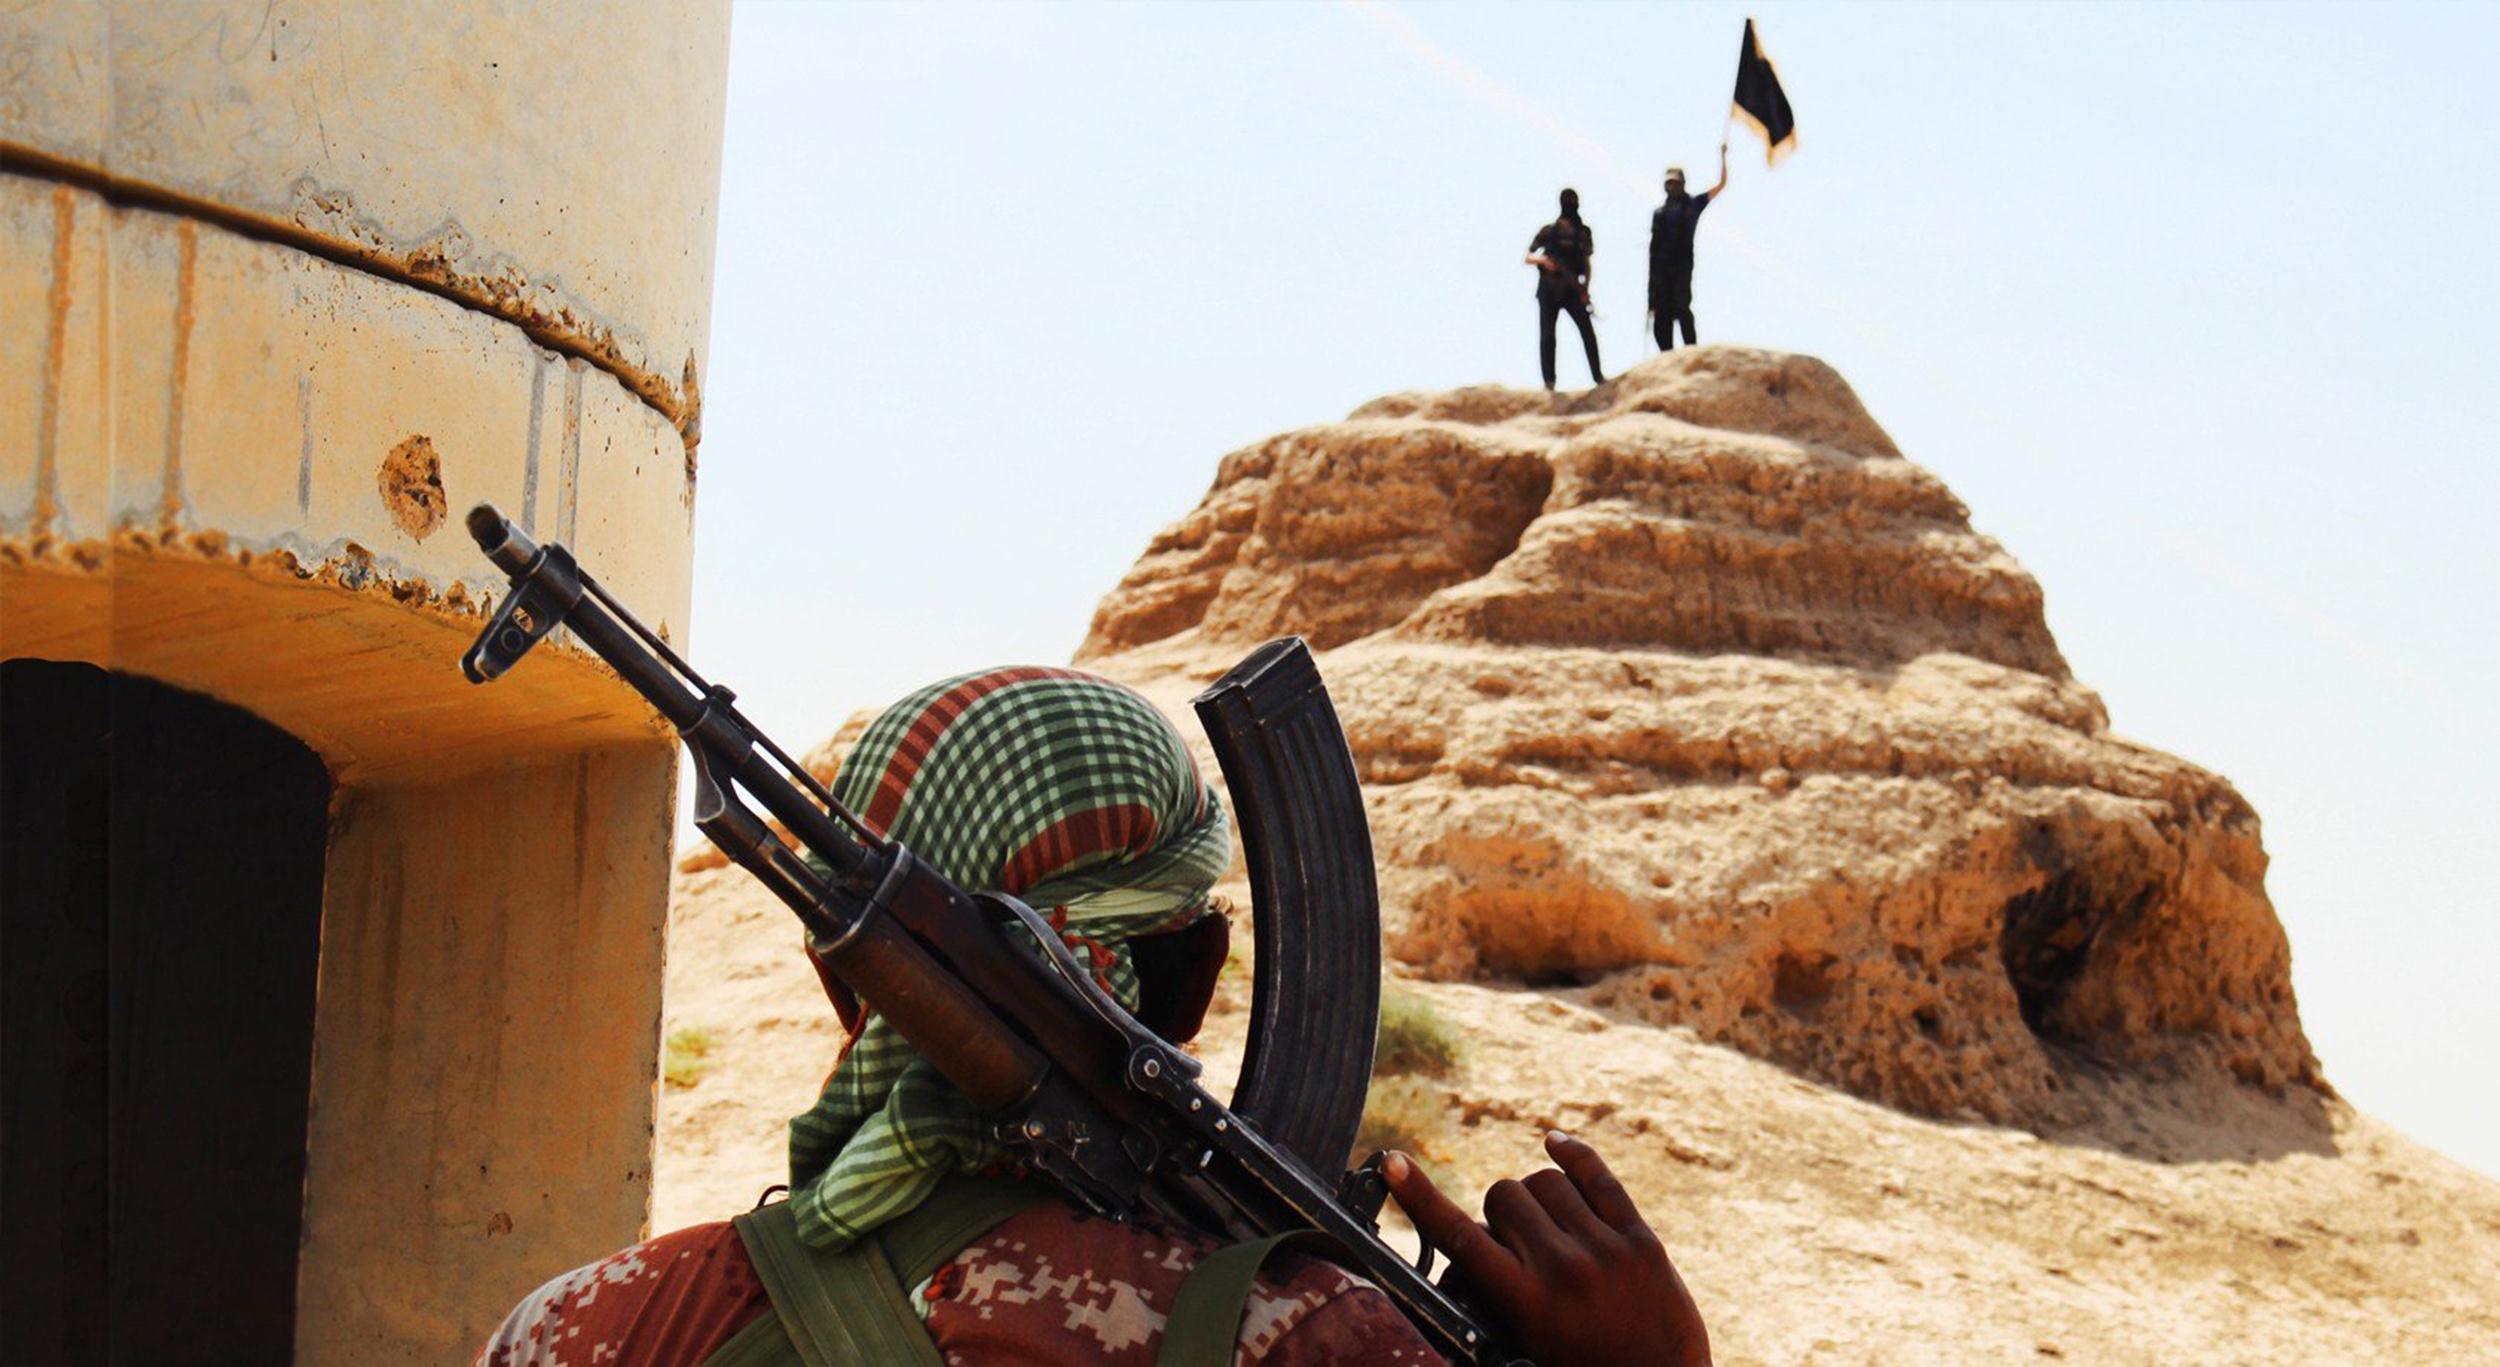 أخفق في مهمته فتأسس تنظيم الدولة الإسلامية.. تقرير للسياسات الخارجية في ملابسات نشوء داعش